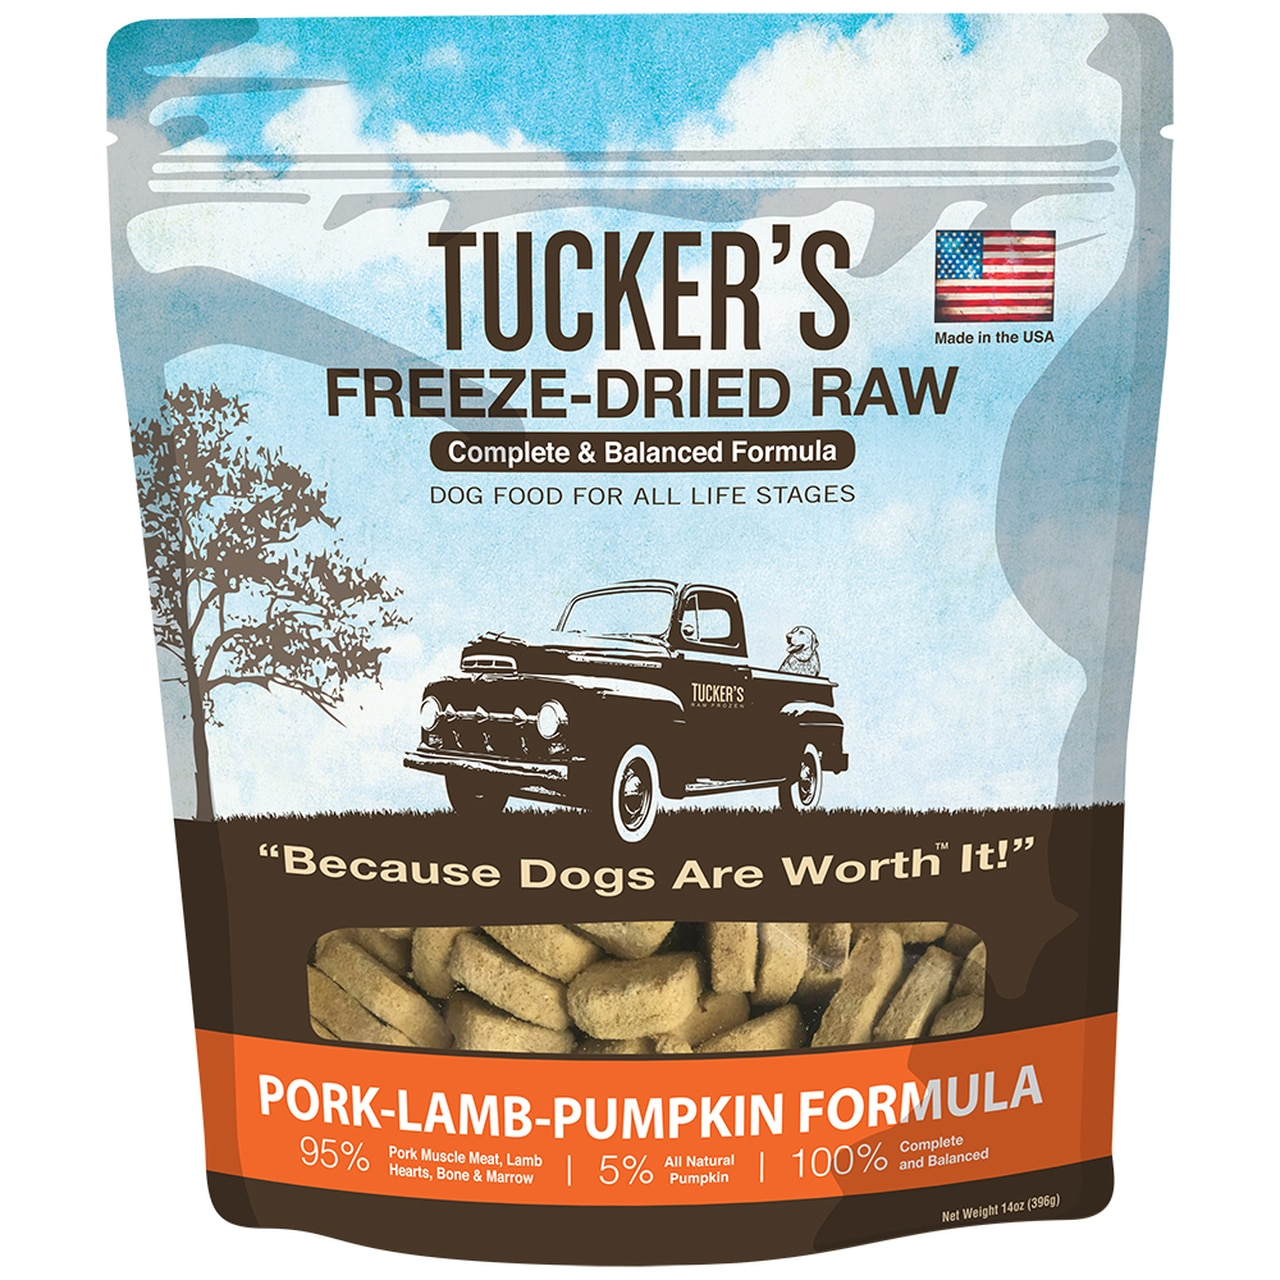 Tucker's Pork-Lamb-Pumpkin Formula Freeze-Dried Raw Dog Food, 14-oz